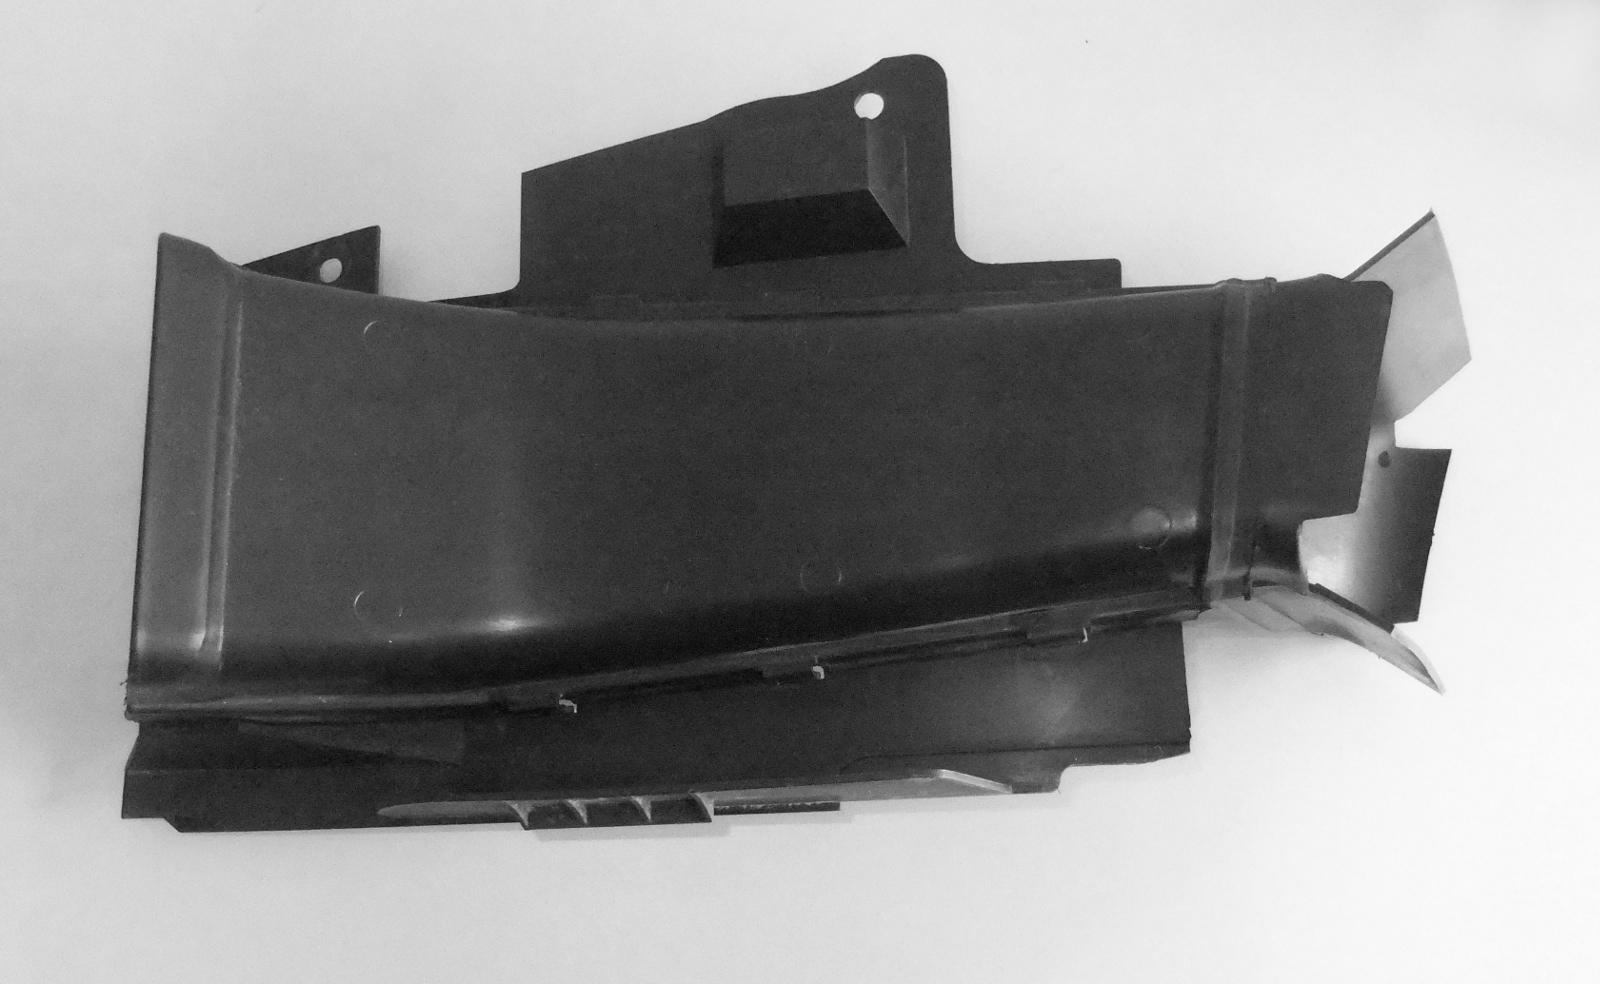 bmw 3er e46 luftf hrung bremse vorne rechts 8197928. Black Bedroom Furniture Sets. Home Design Ideas